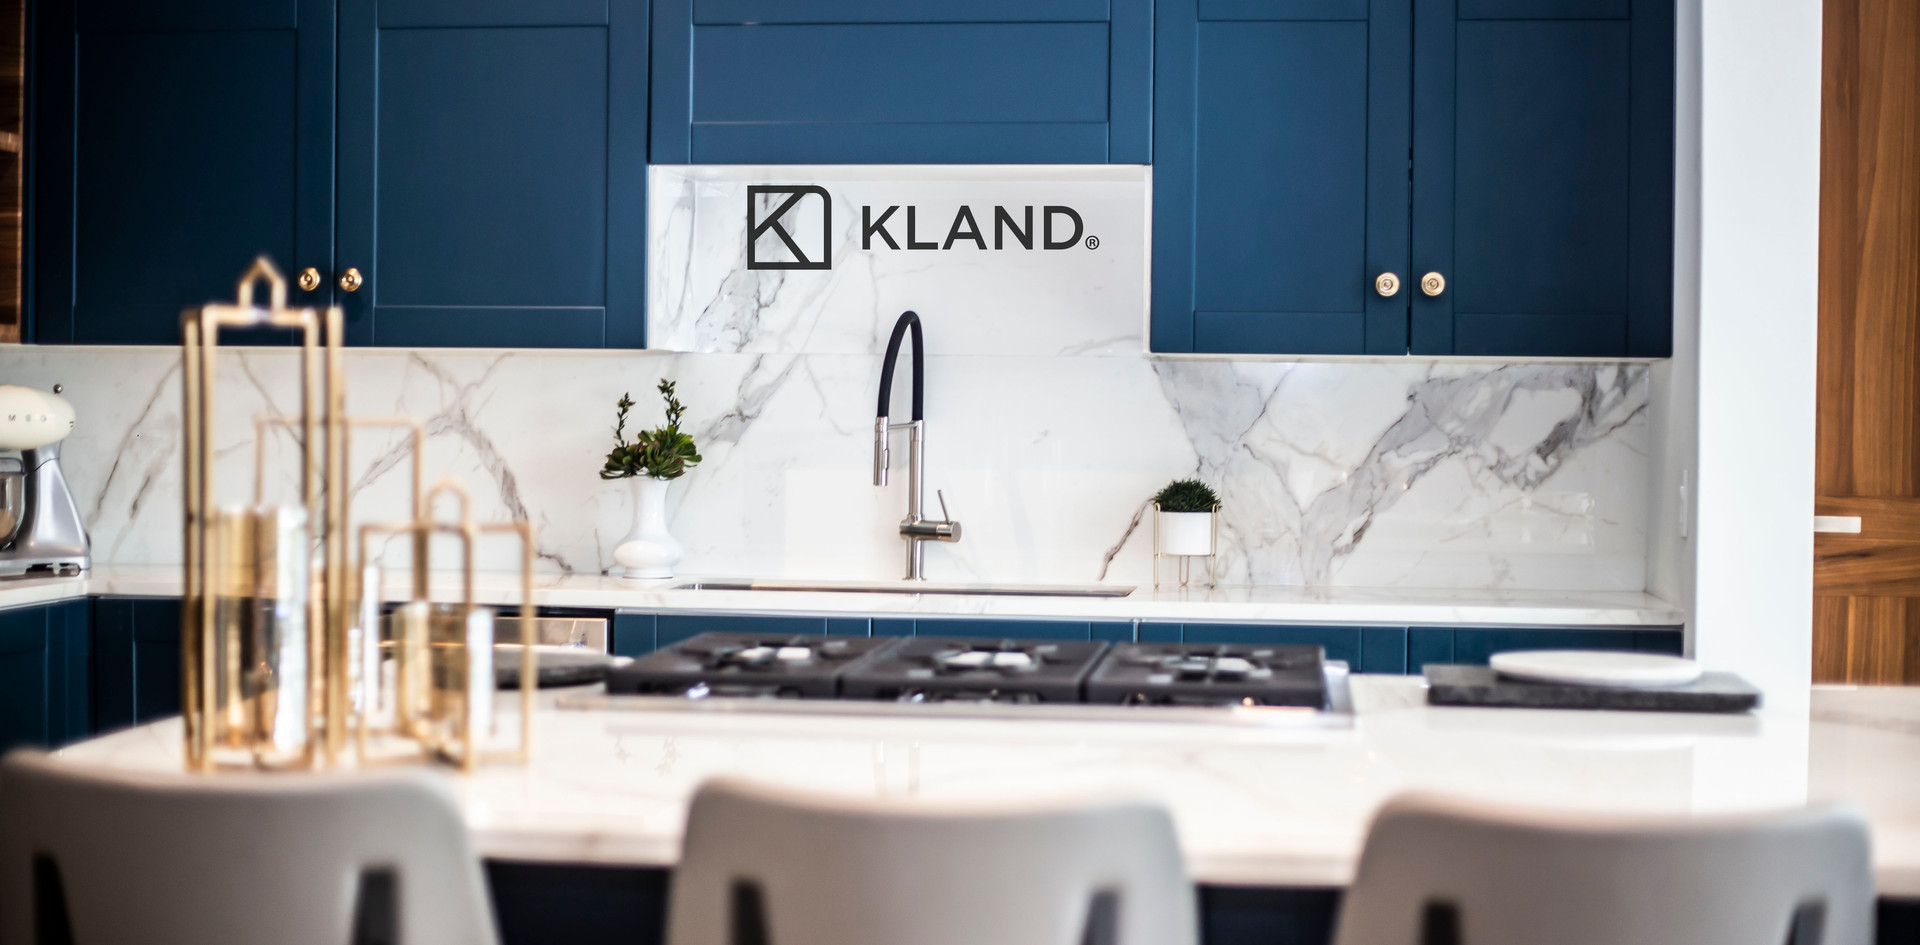 kland.com.mx.jpg